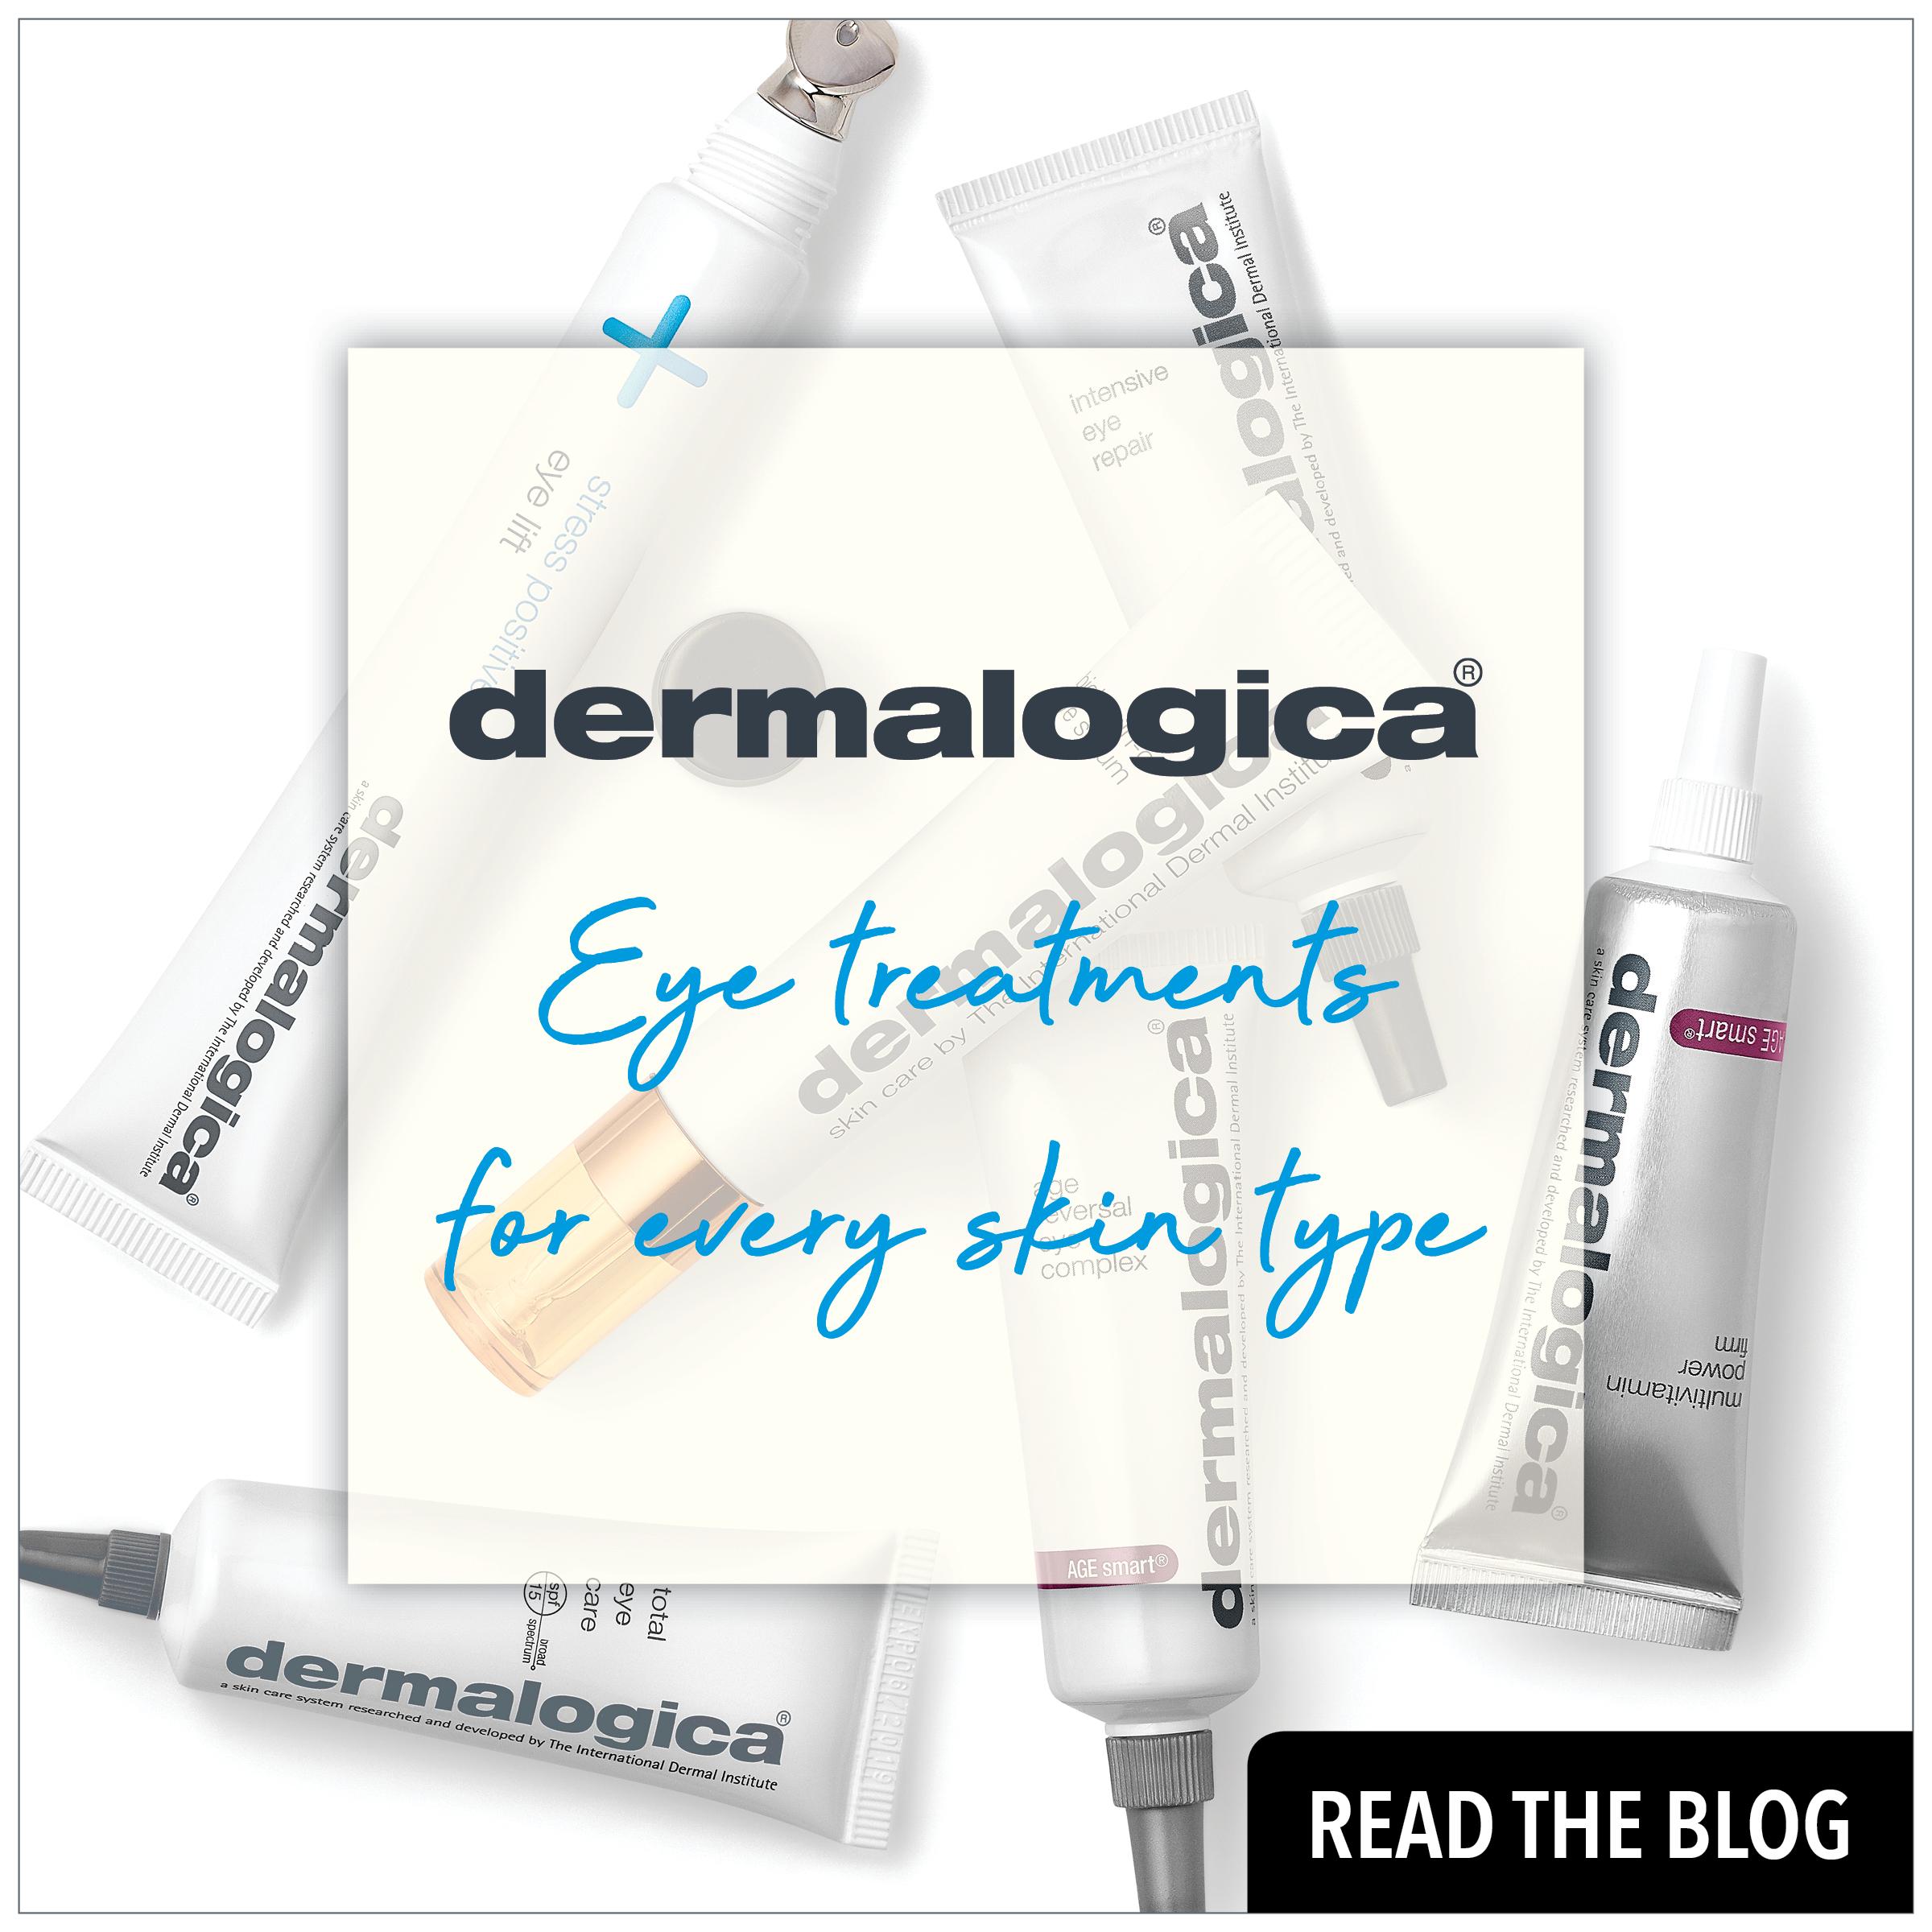 dermalogica eye treatments from prodermal